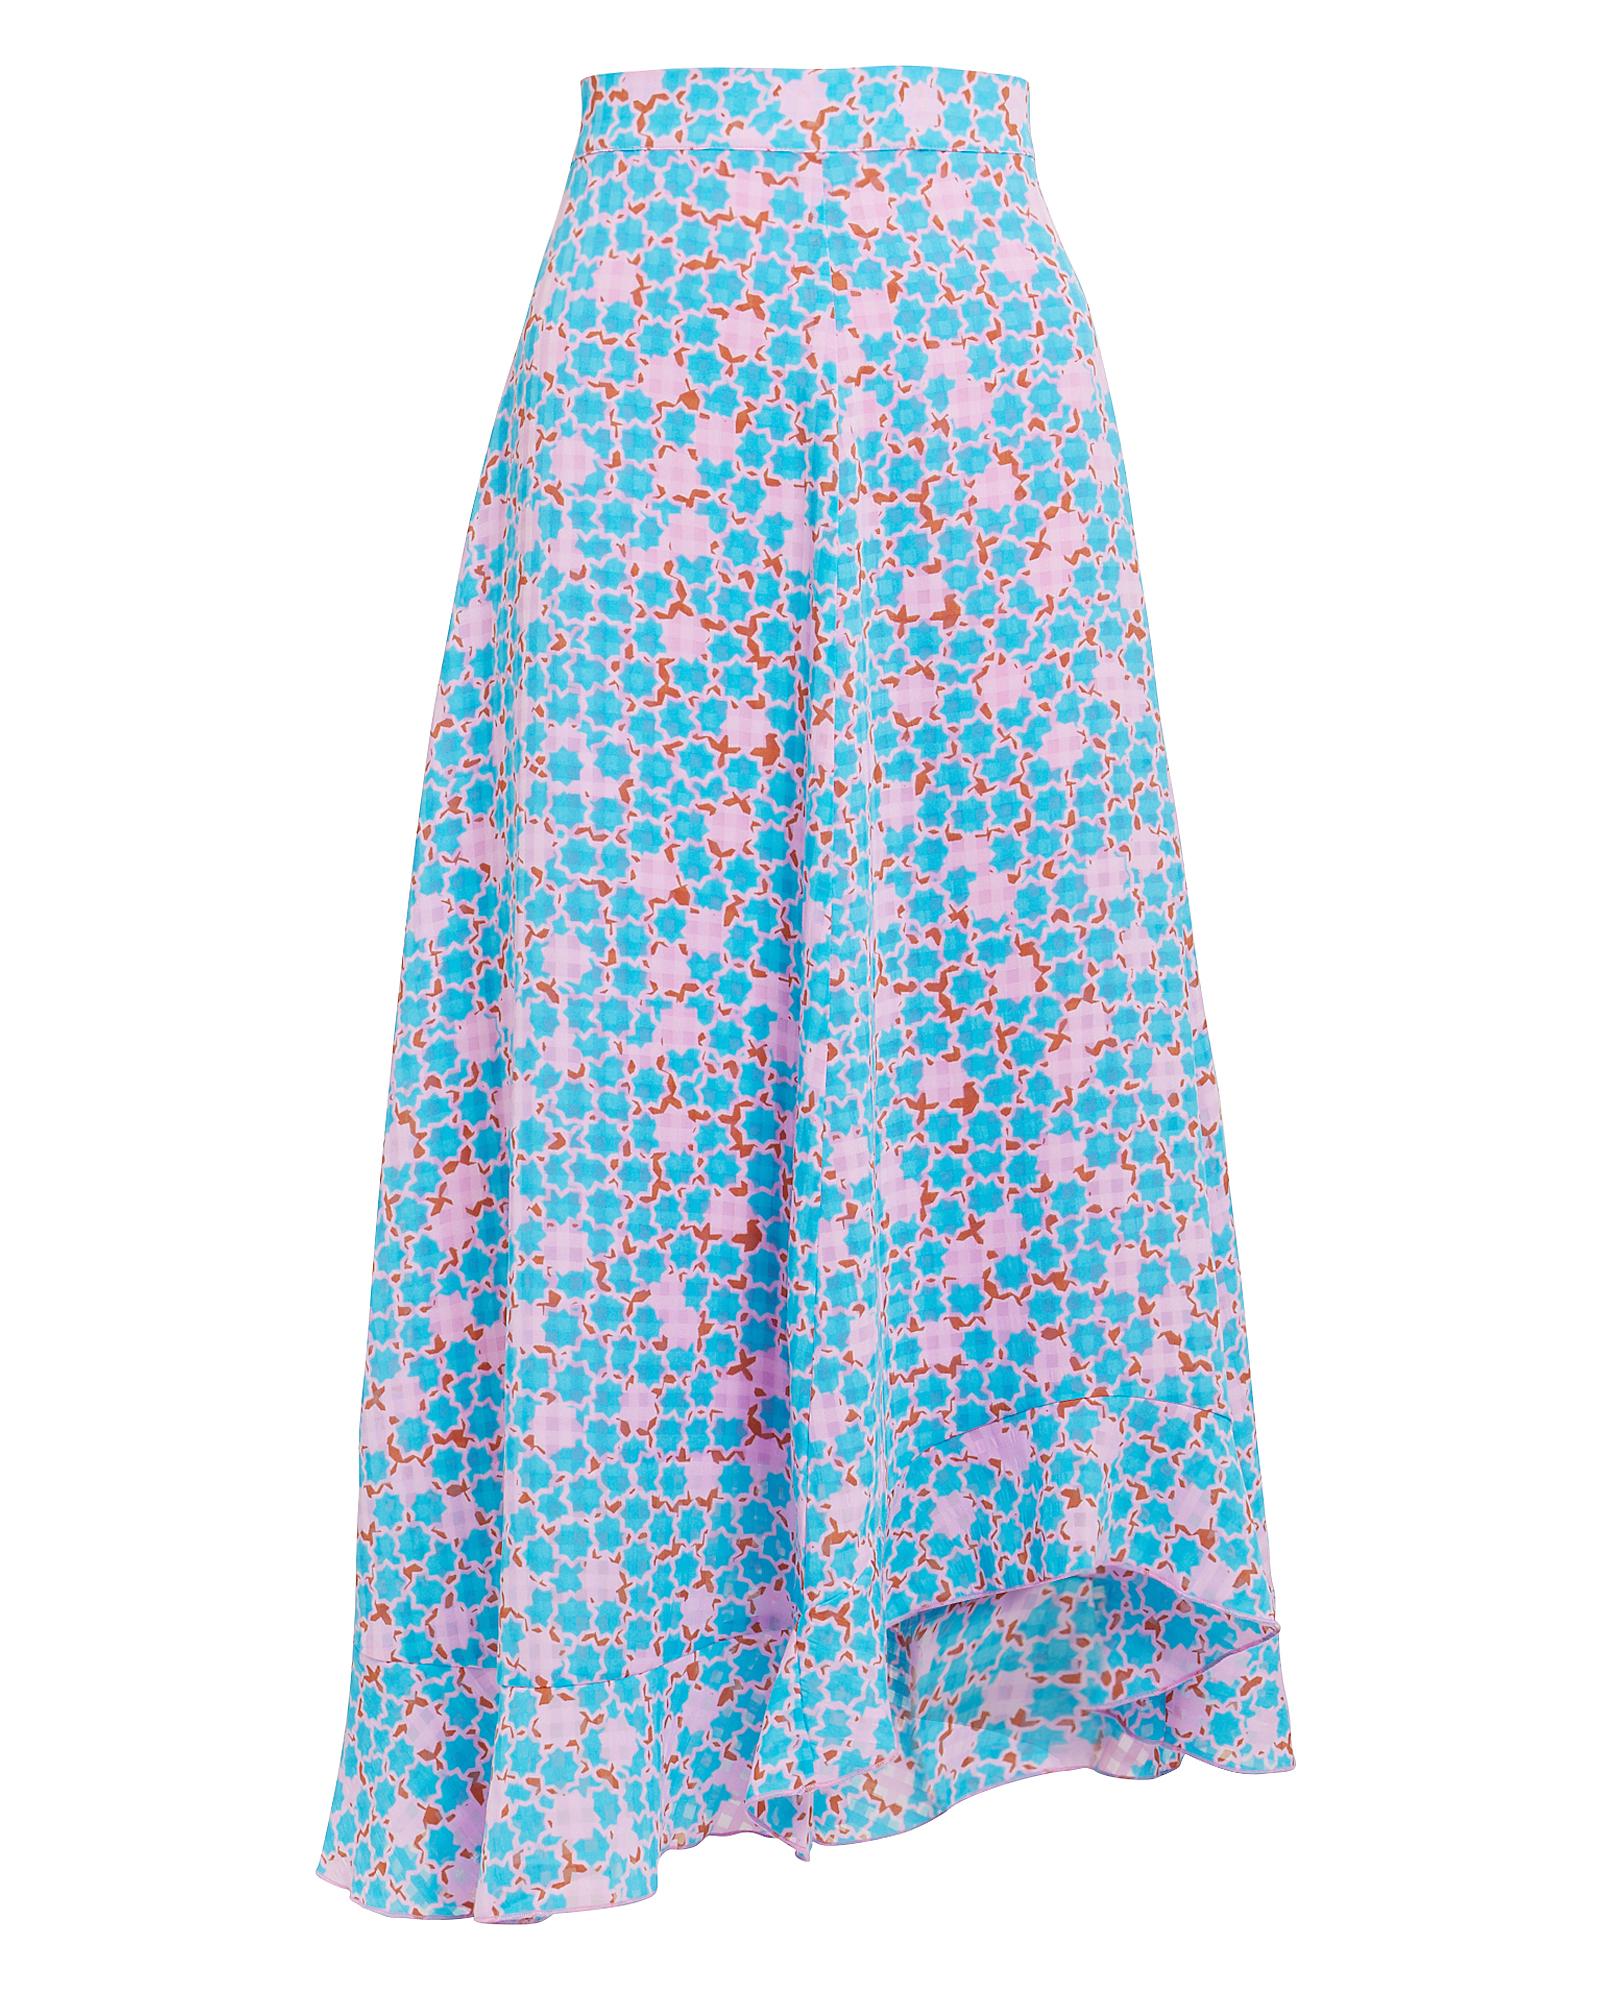 Stine Goya Skirts STINE GOYA MARIGOLD BLUE STARDOT SKIRT  BLUE-MED L